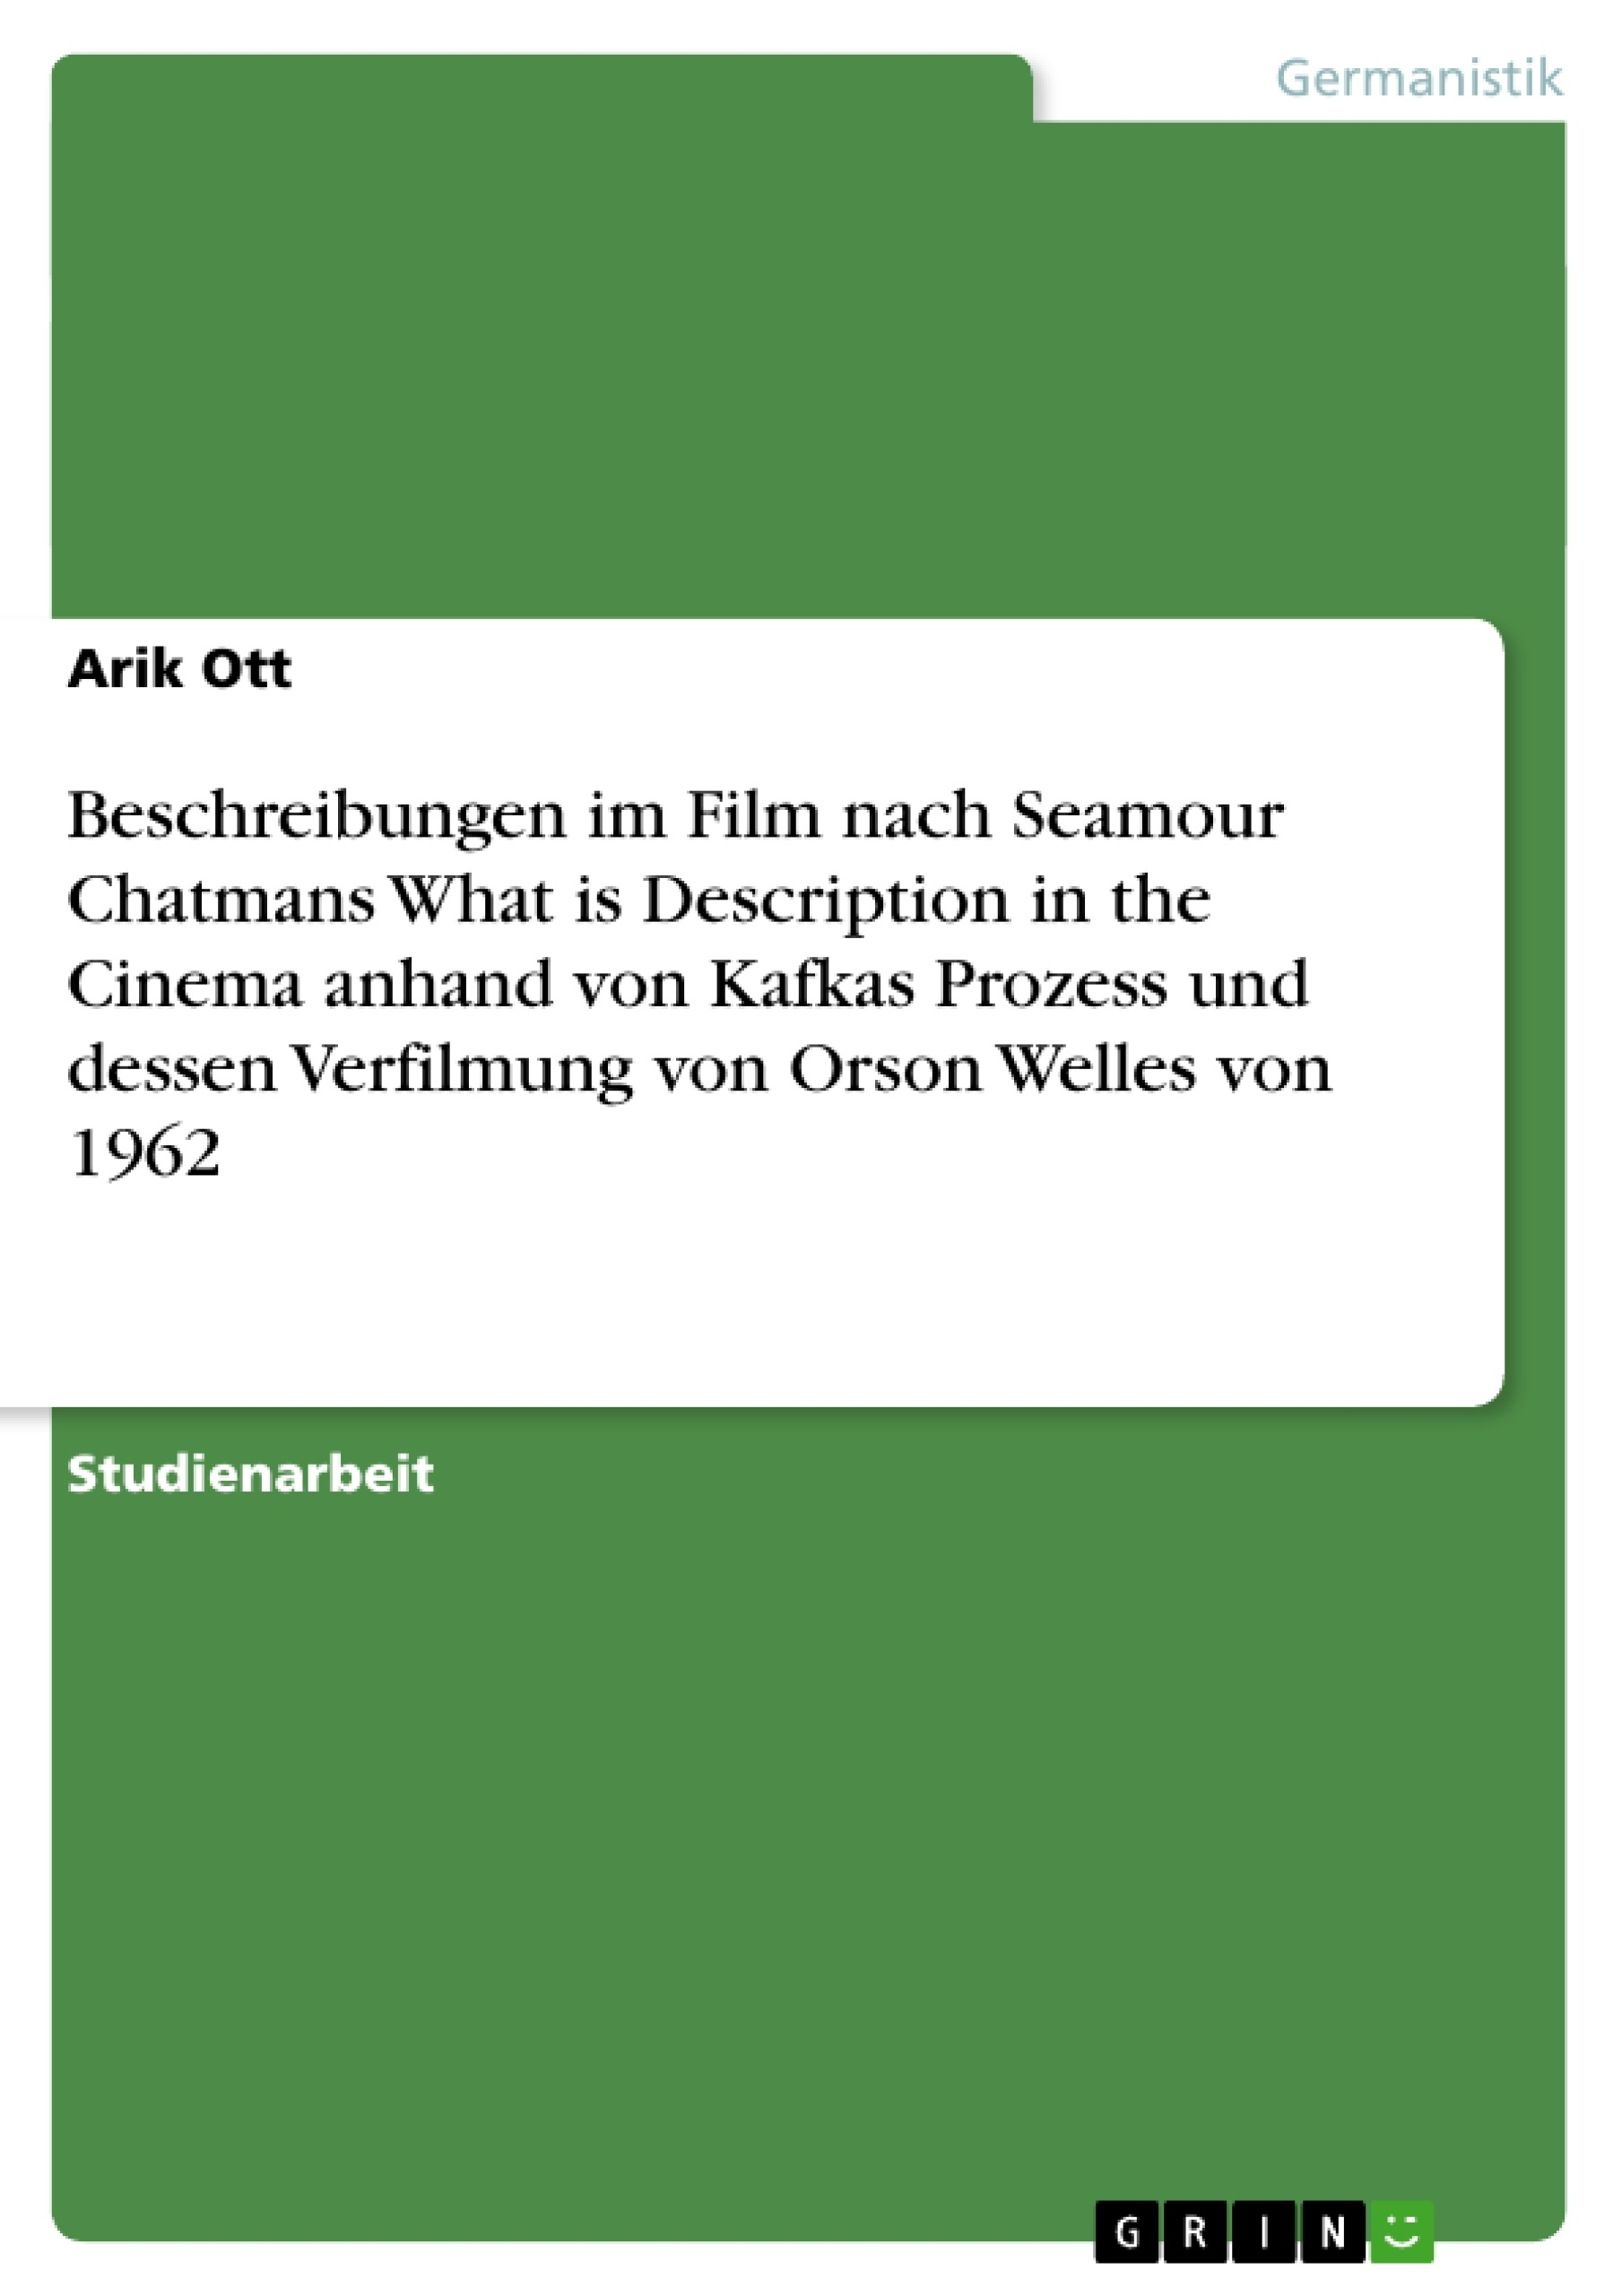 Titel: Beschreibungen im Film nach Seamour Chatmans What is Description in the Cinema anhand von Kafkas Prozess und dessen Verfilmung von Orson Welles von 1962